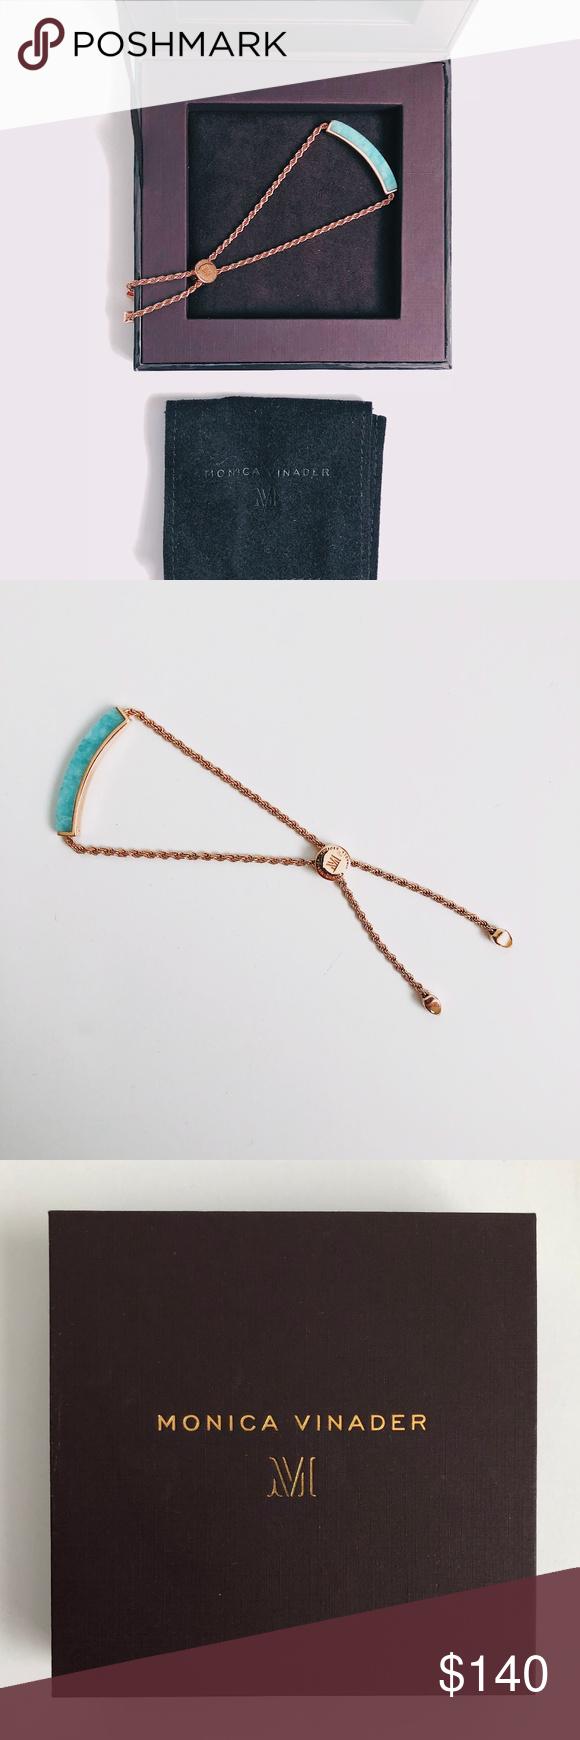 160b8589d31333 Monica Vinader Turquoise Rose Gold Bracelet LINEAR STONE BRACELET JEWEL  Monica Vinander 18ct Rose Gold Vermeil